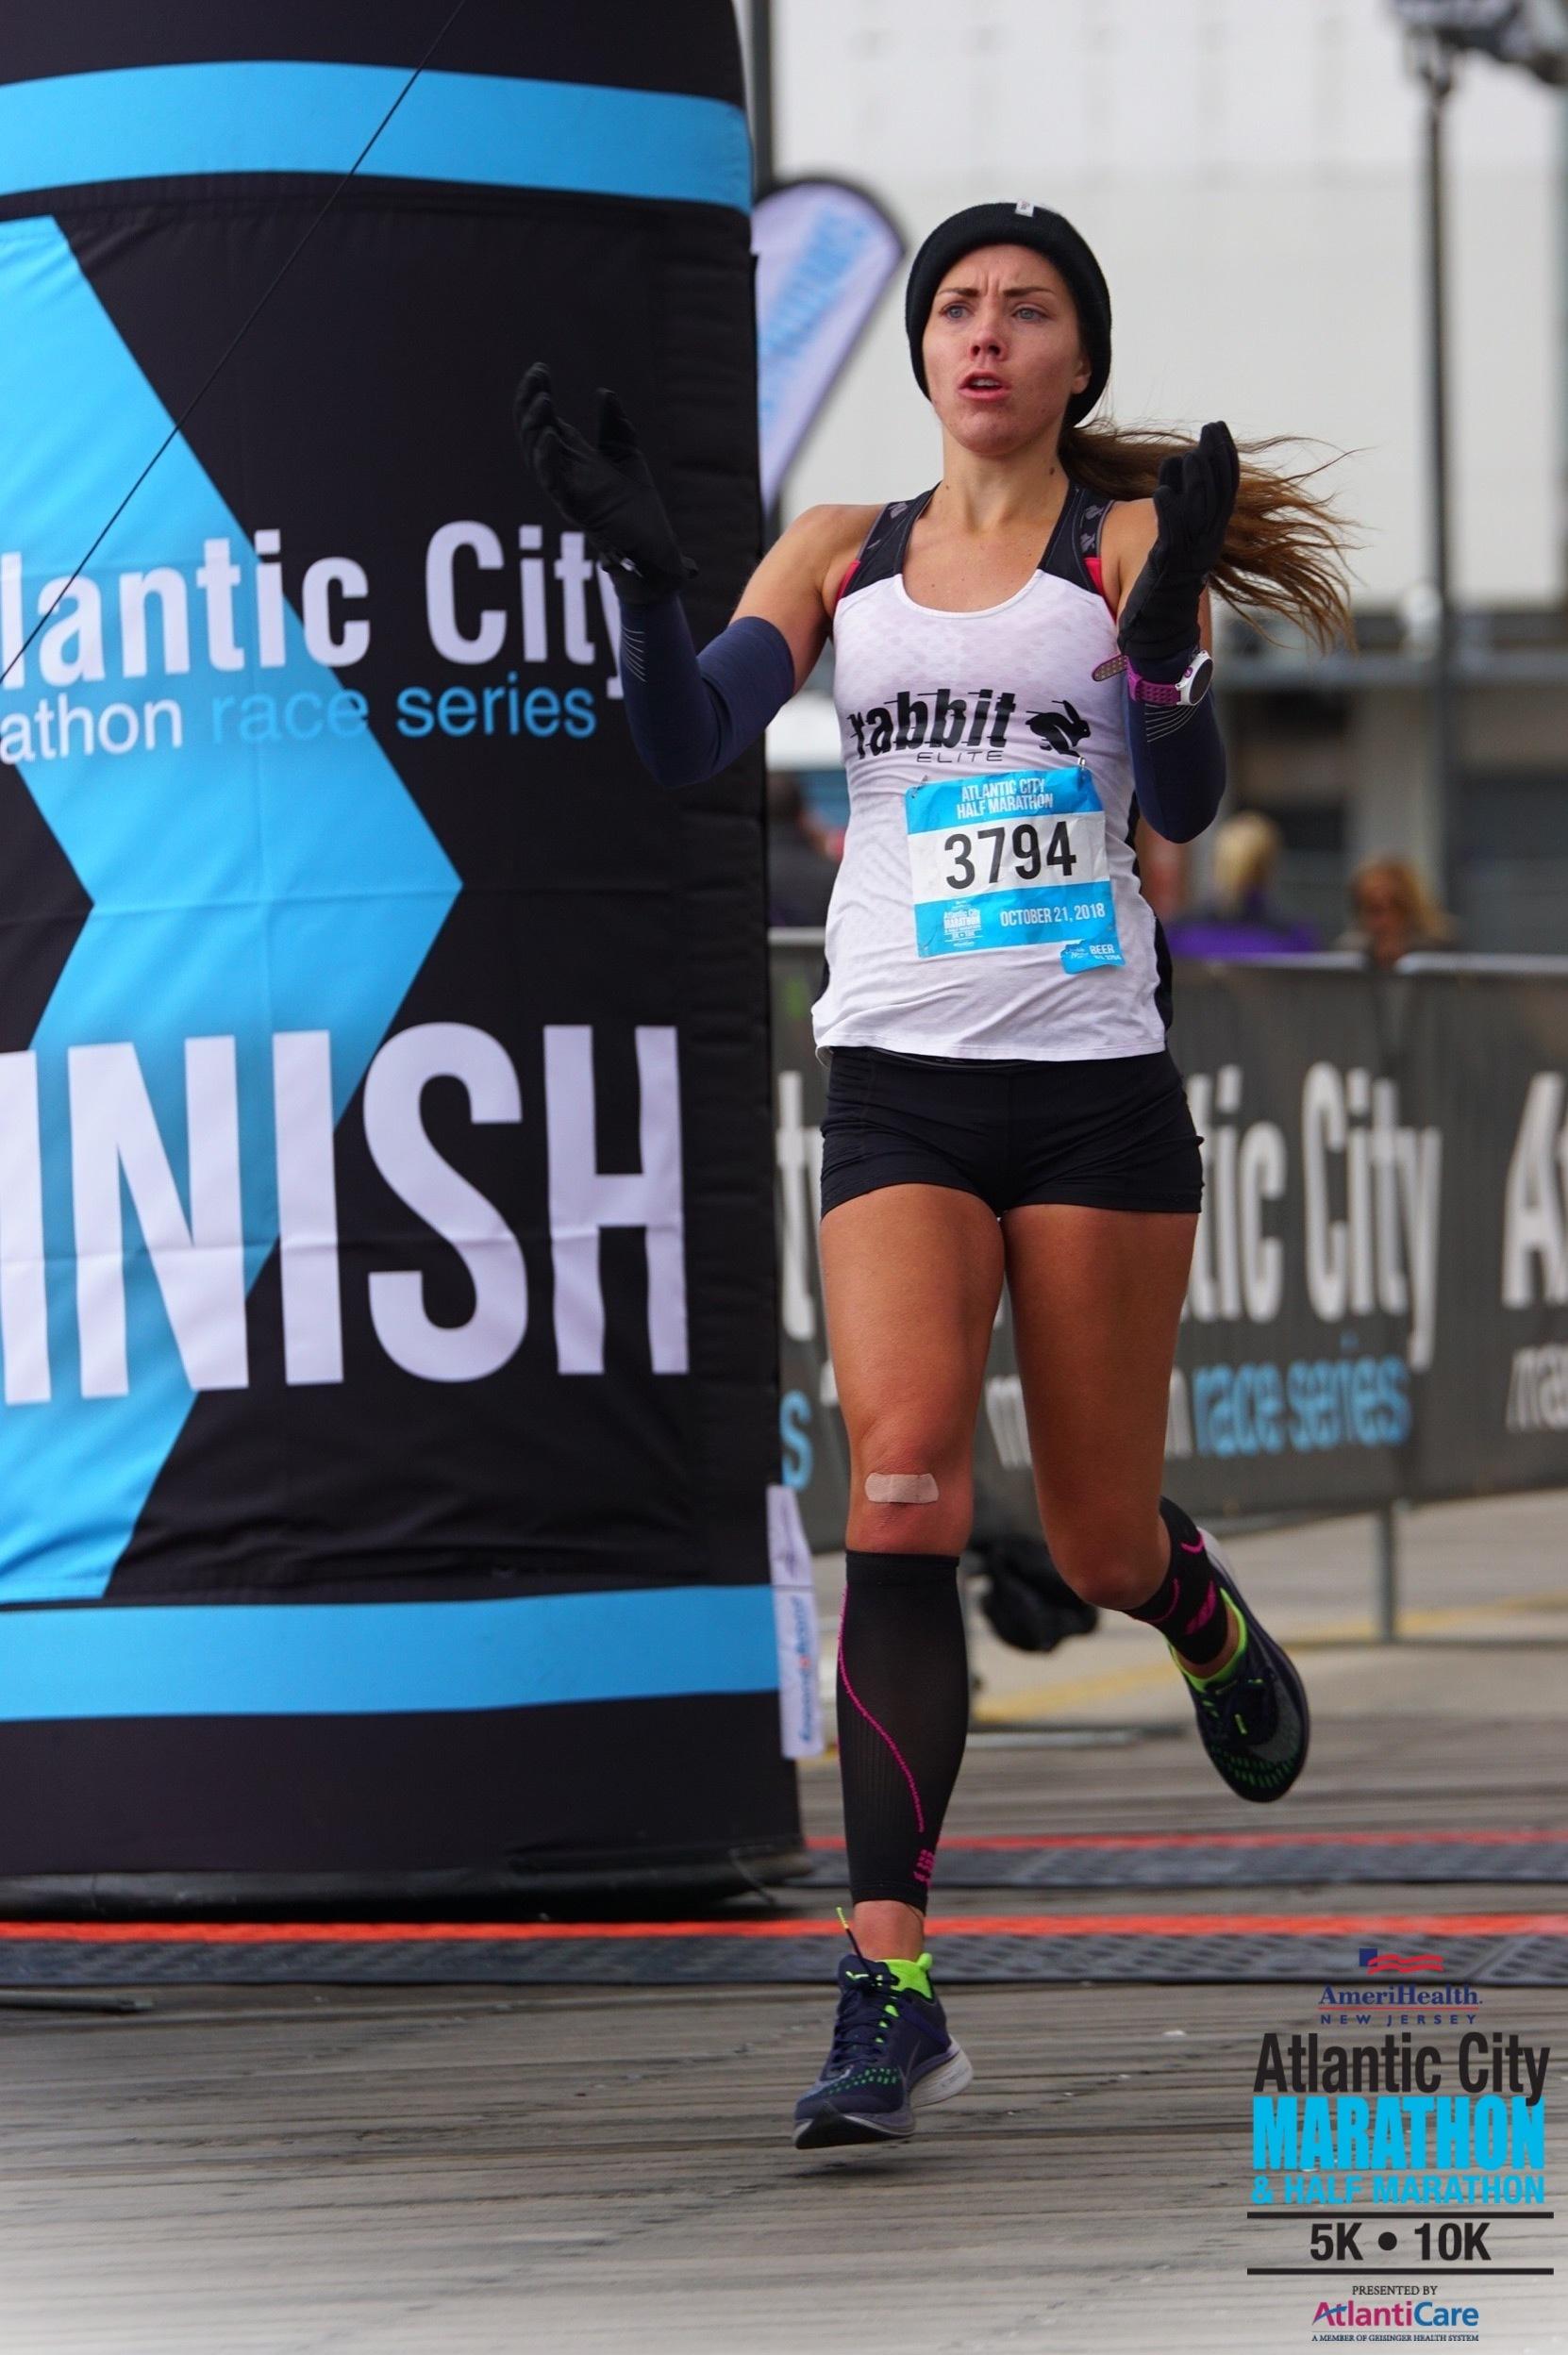 atlantic city half marathon me running e29388dfc3c